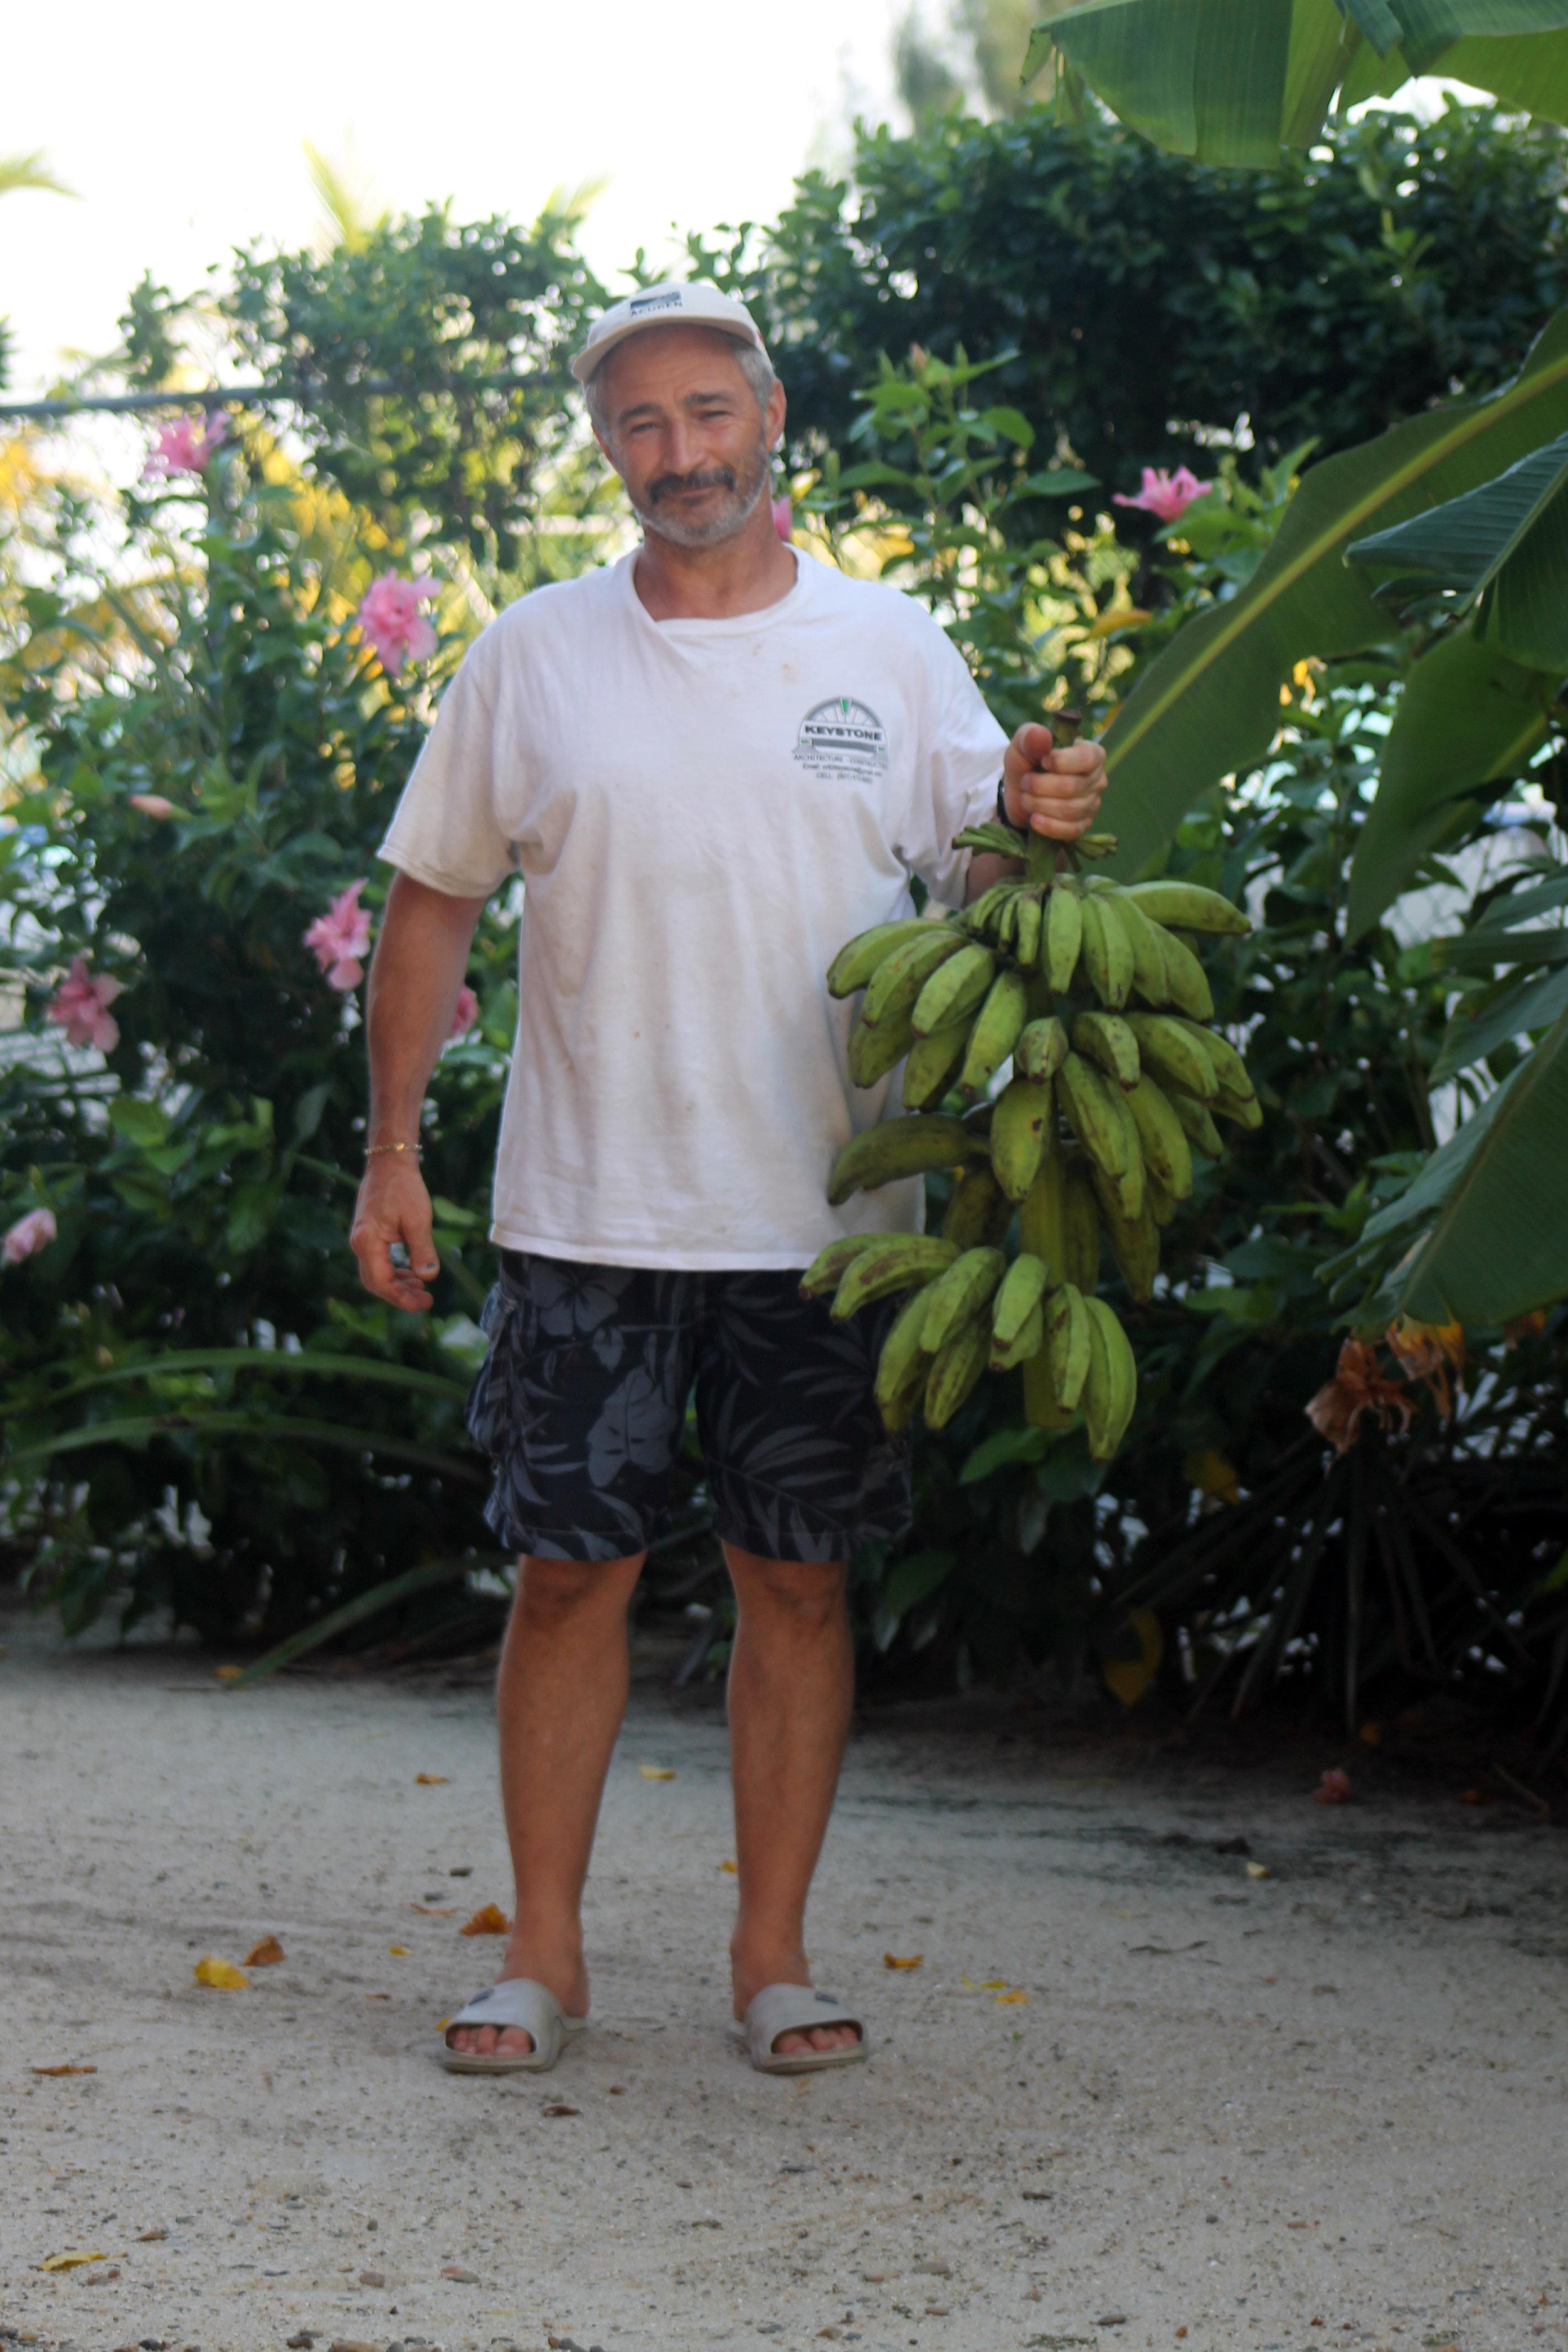 aaa_jimmy plantain.jpg